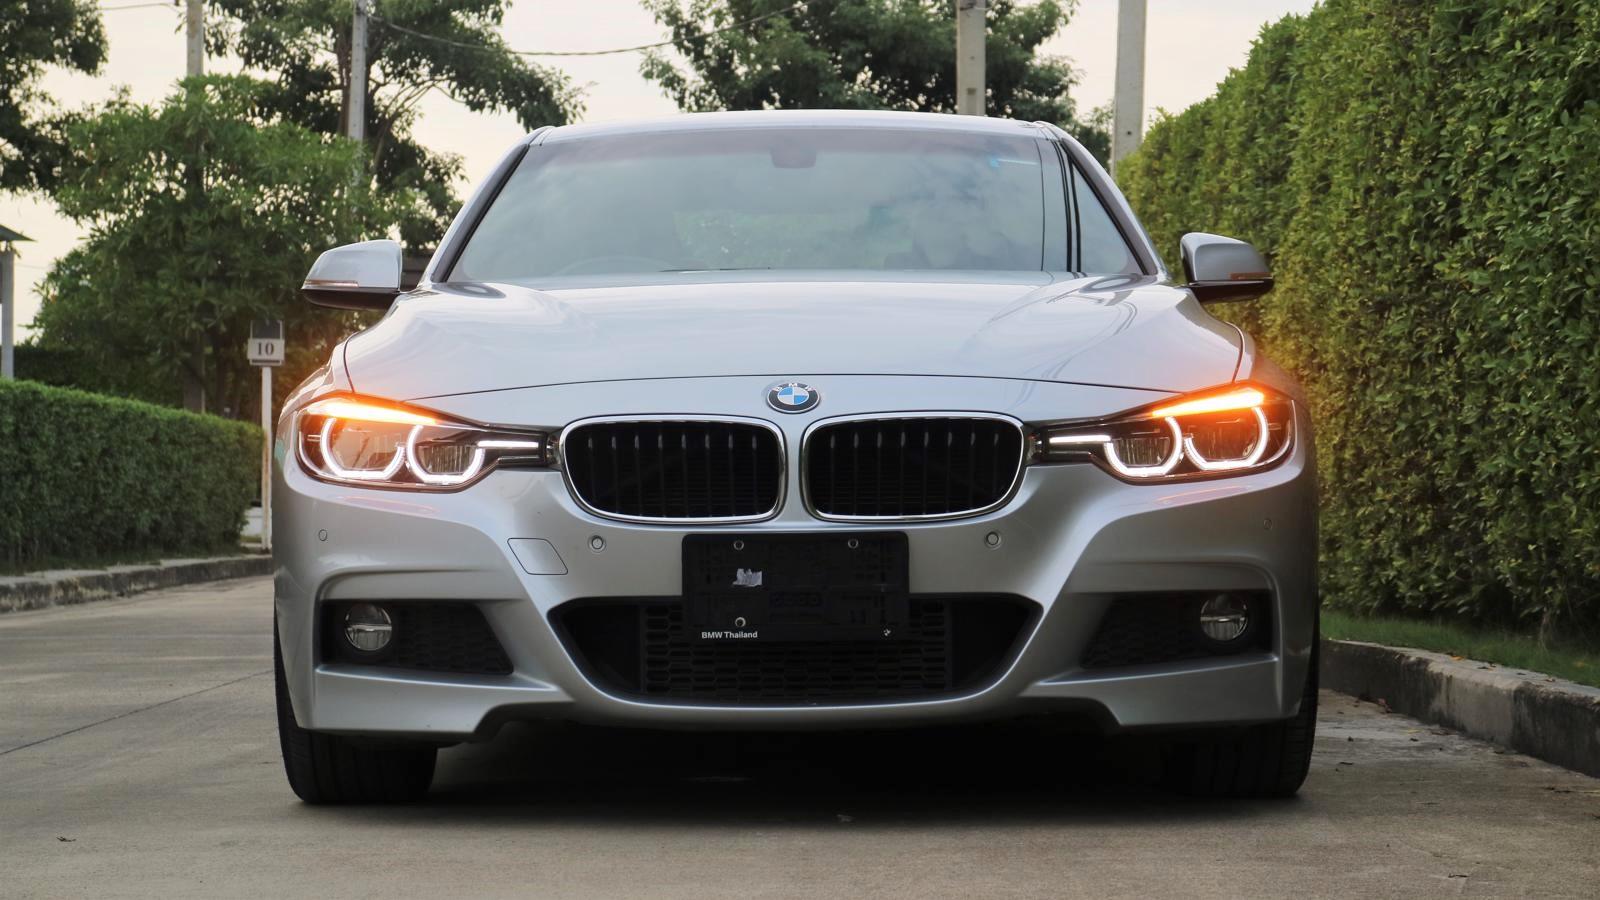 รีวิว BMW 320d M Sport (F30) ดาวป็อปสุดหล่อขวัญใจตลอดกาล